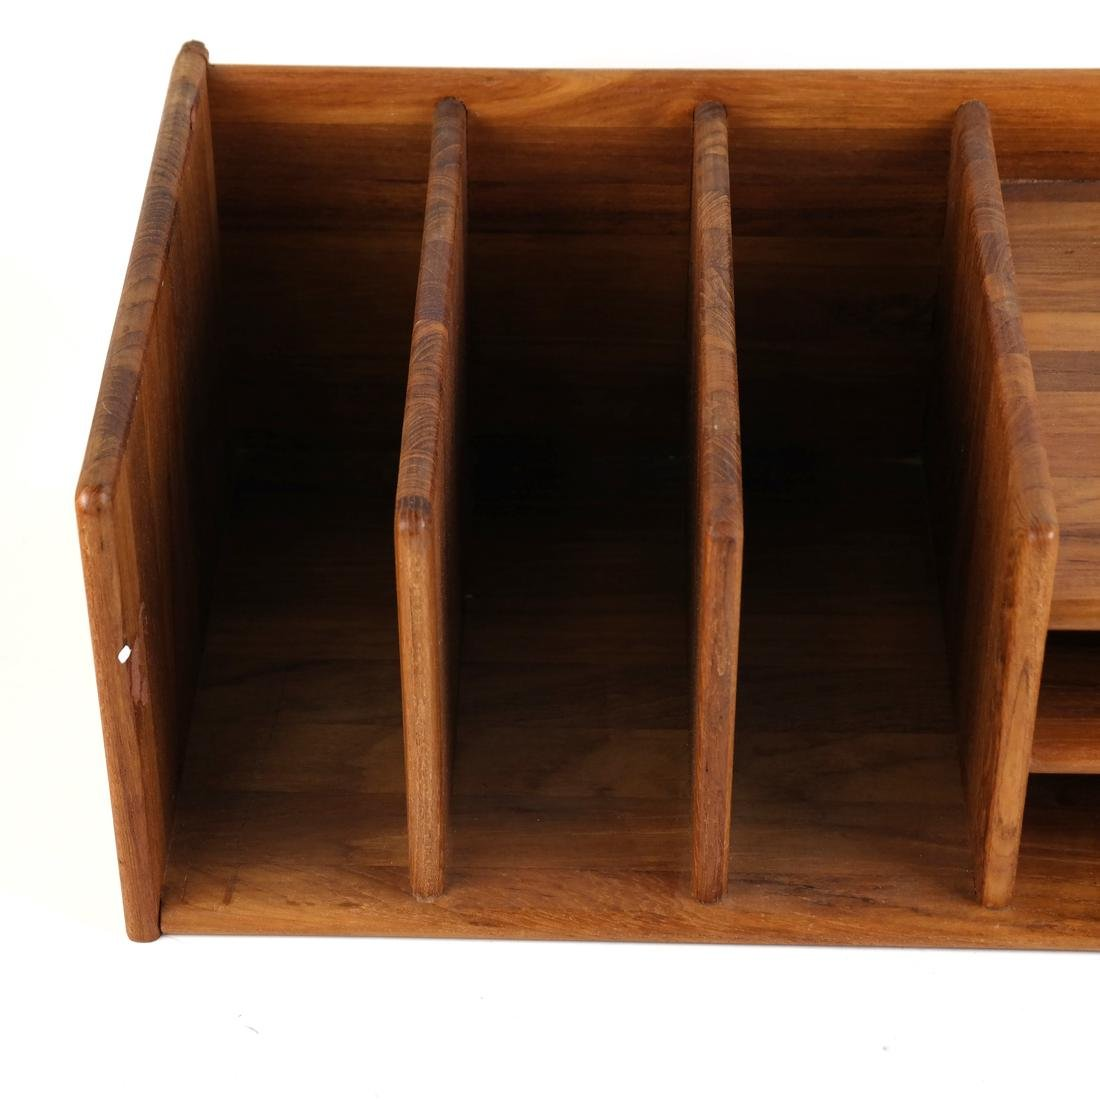 Wooden Desk Organizer - 4